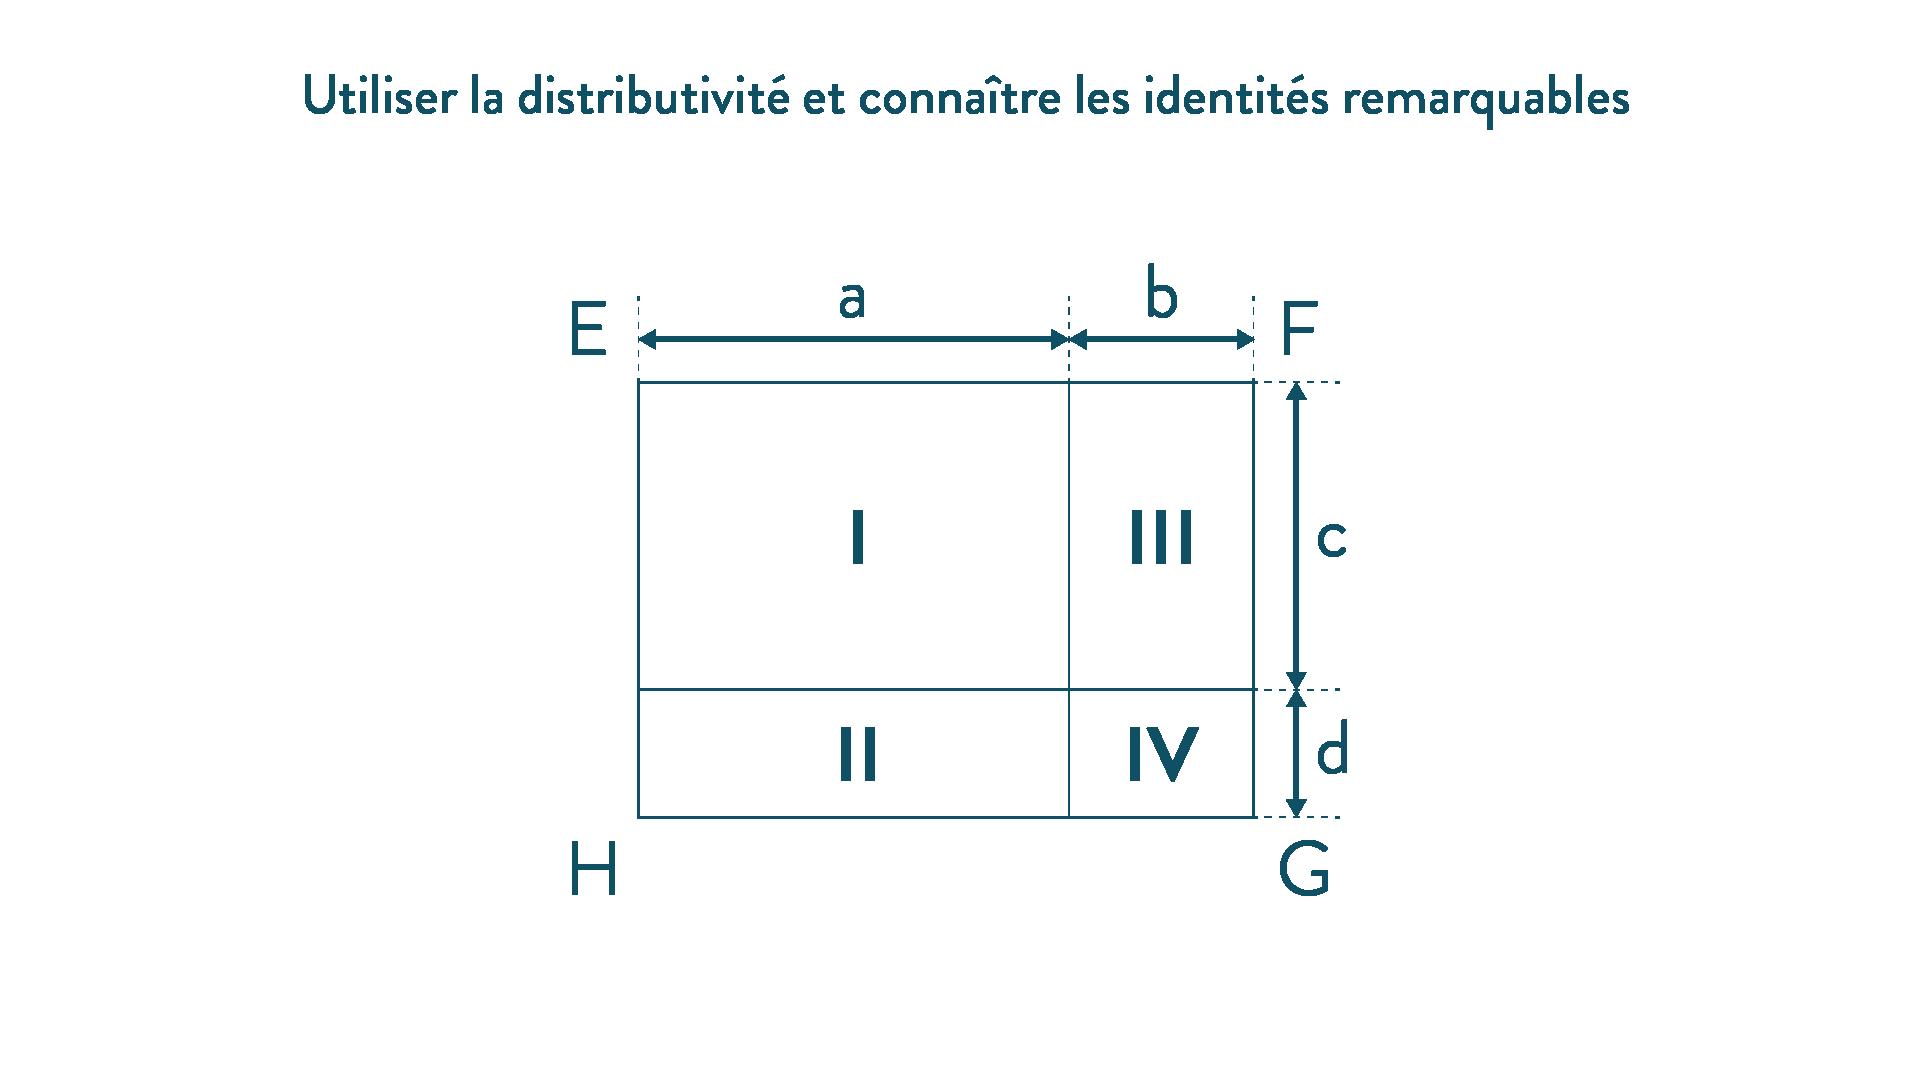 Utiliser la distributivité et connaître les identités remarquables mathématiques quatrième